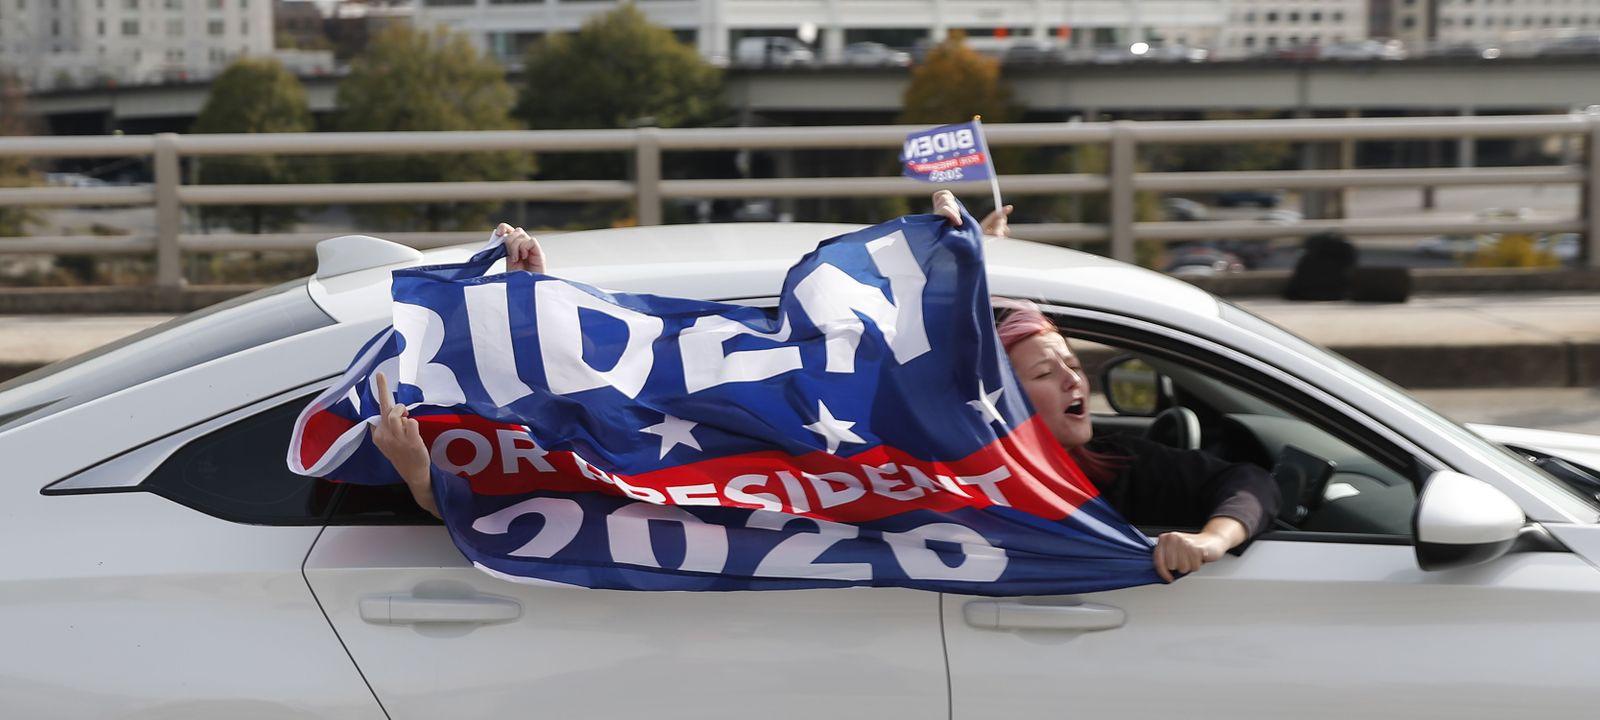 Election Day 2020, Atlanta, USA - 05 Nov 2020